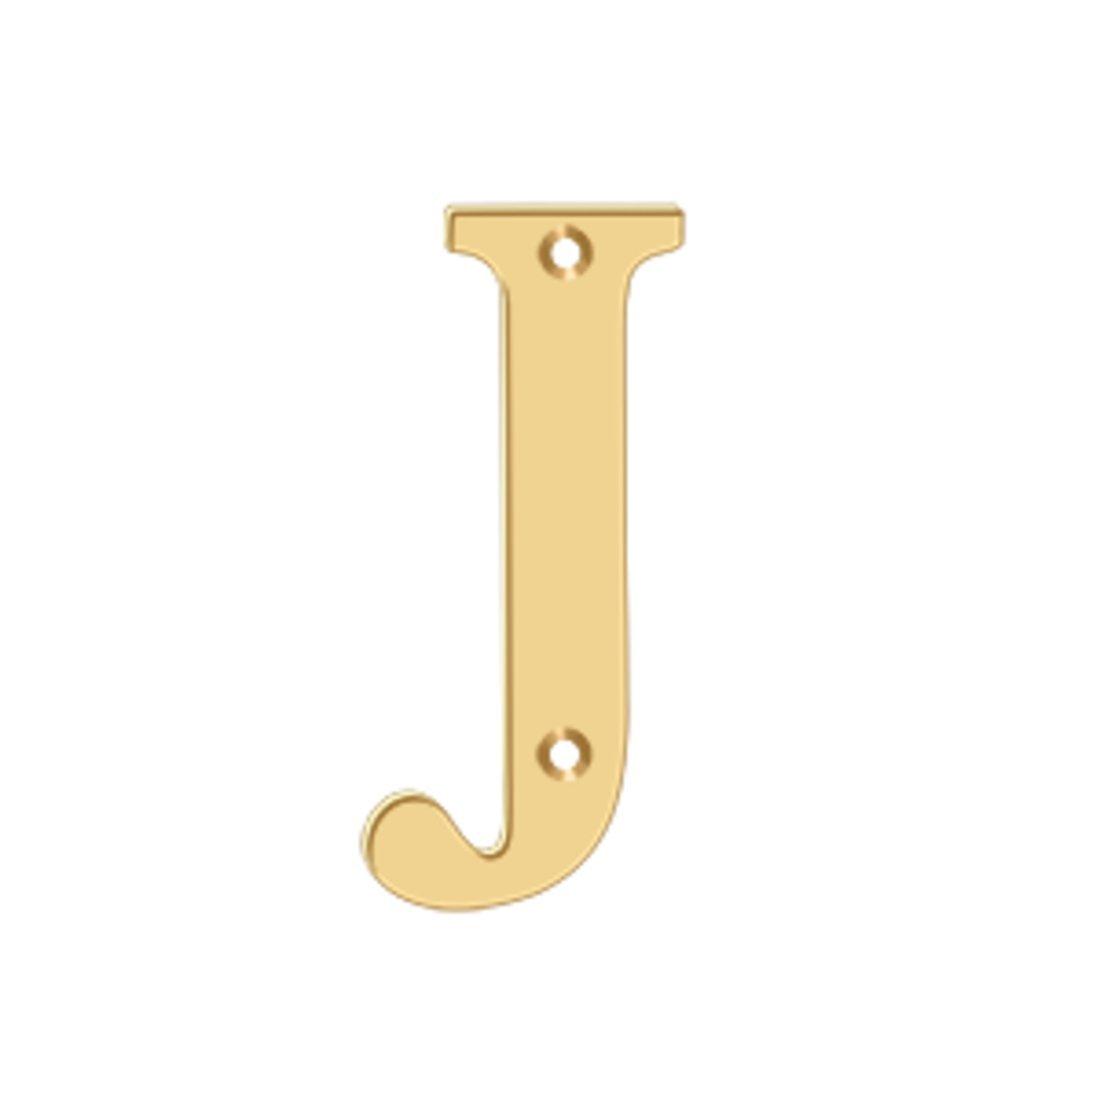 4で。ソリッド真鍮住宅用文字10セット( J – PVD ) B00858K6YO